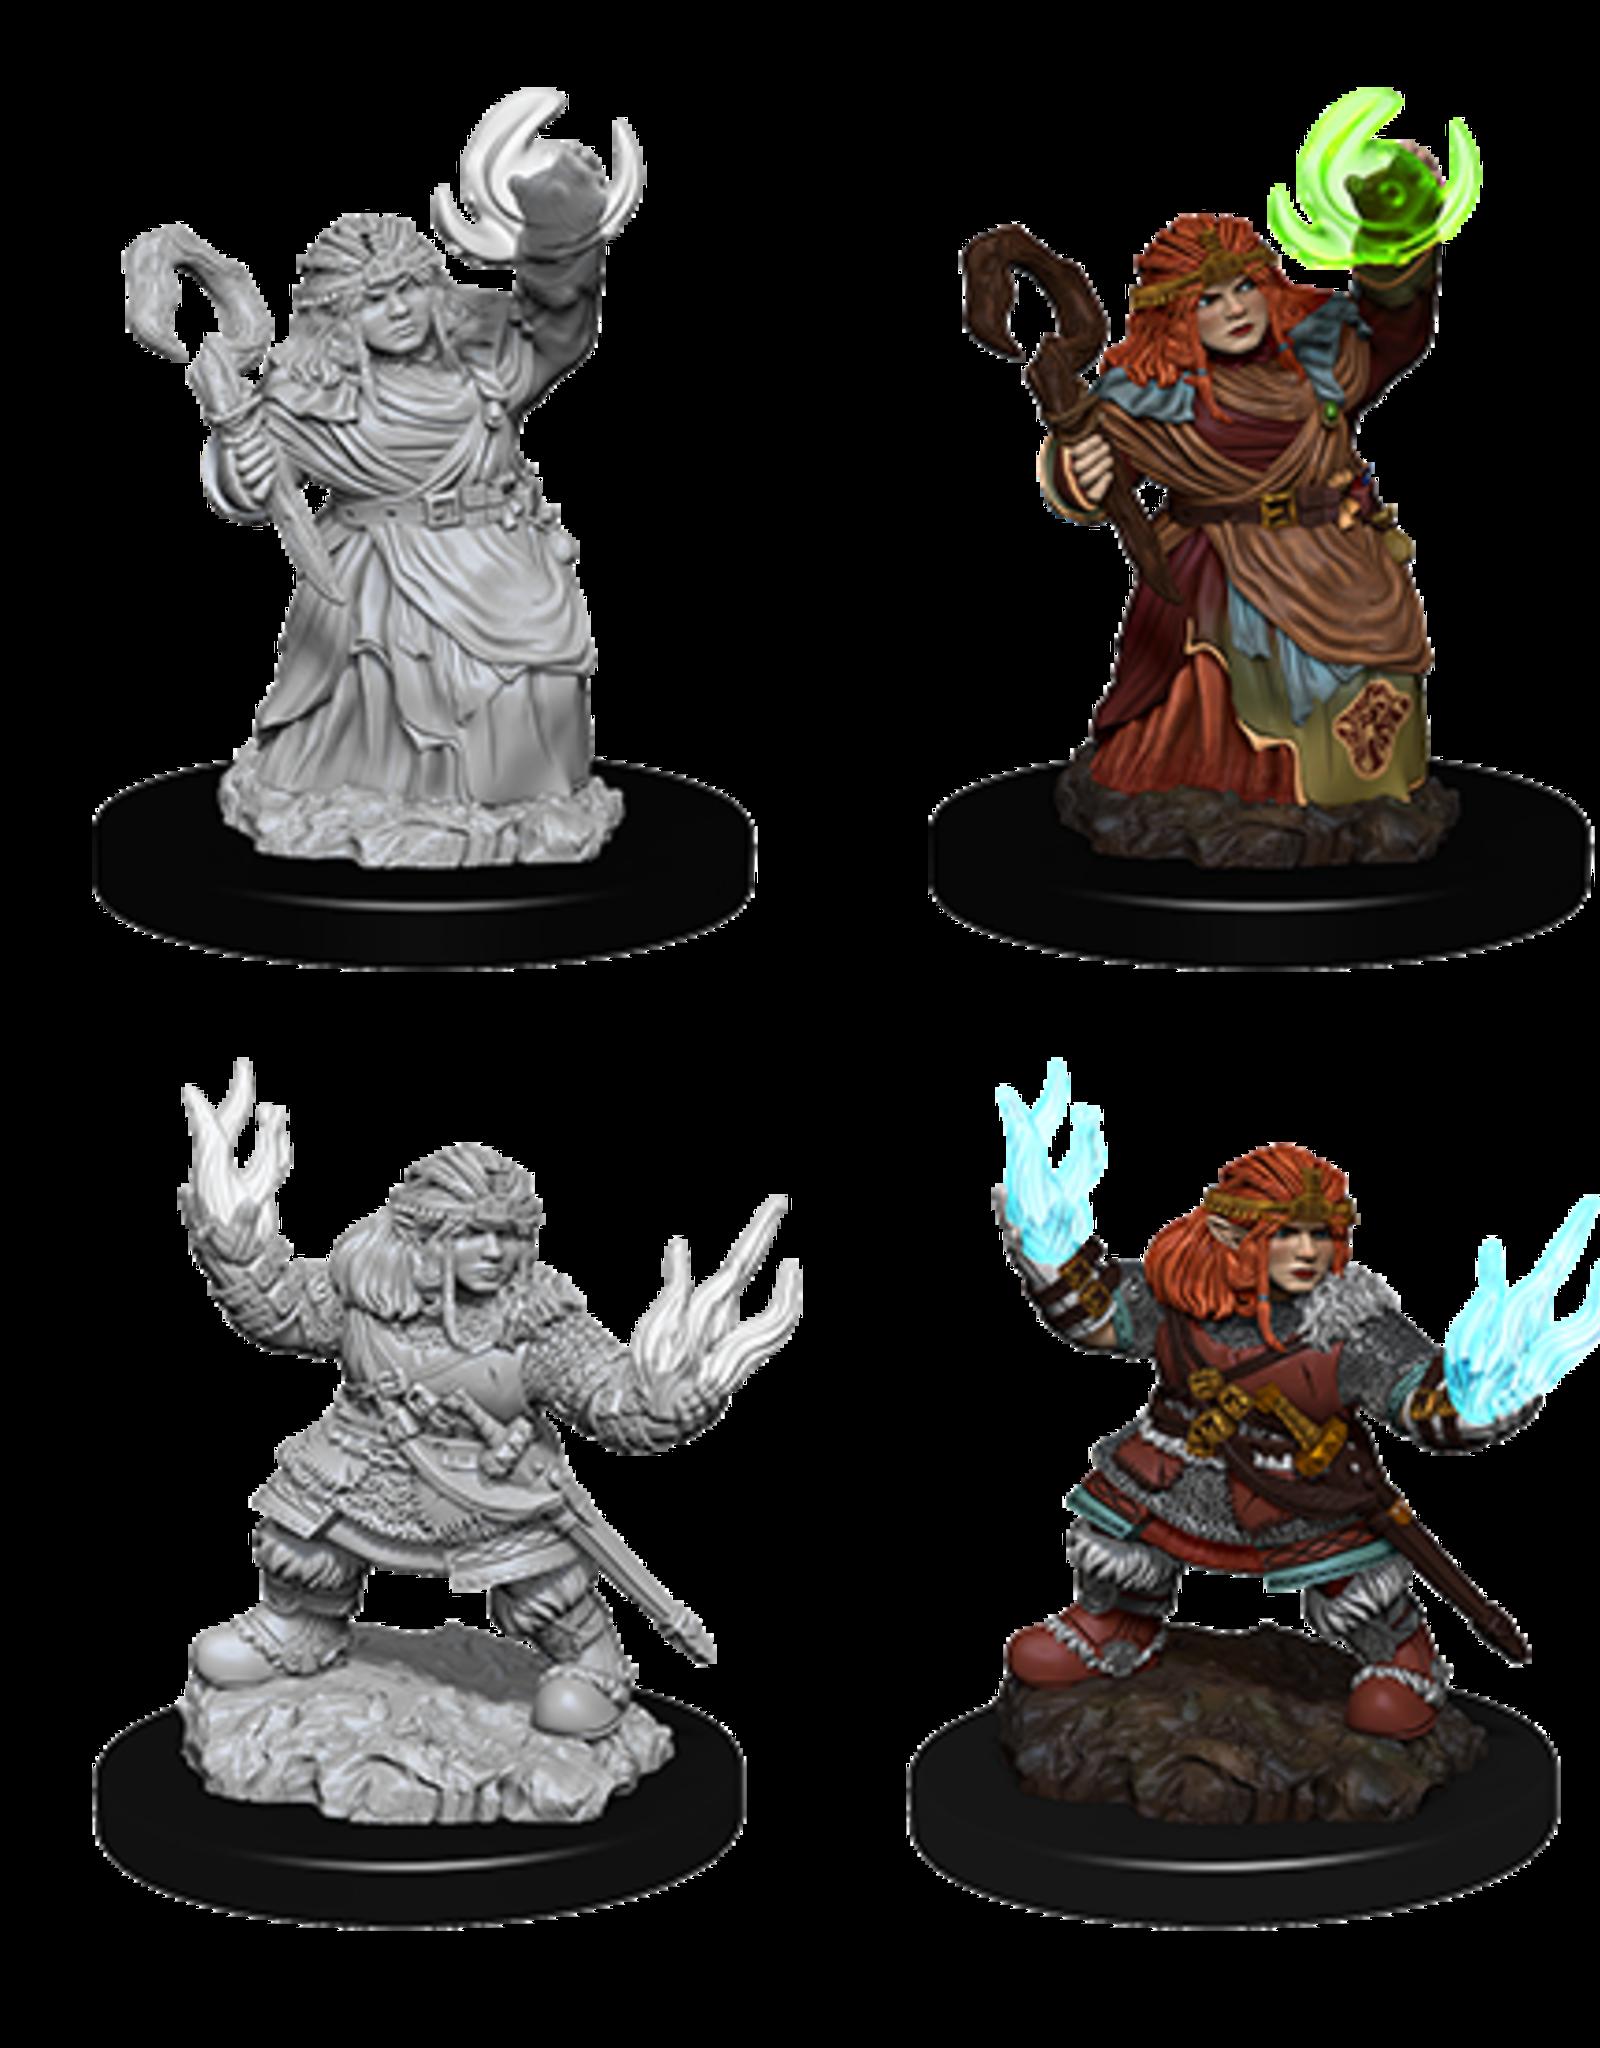 Nolzur's Marvelous Miniatures D&D D&D NMU - Female Dwarf Summoner